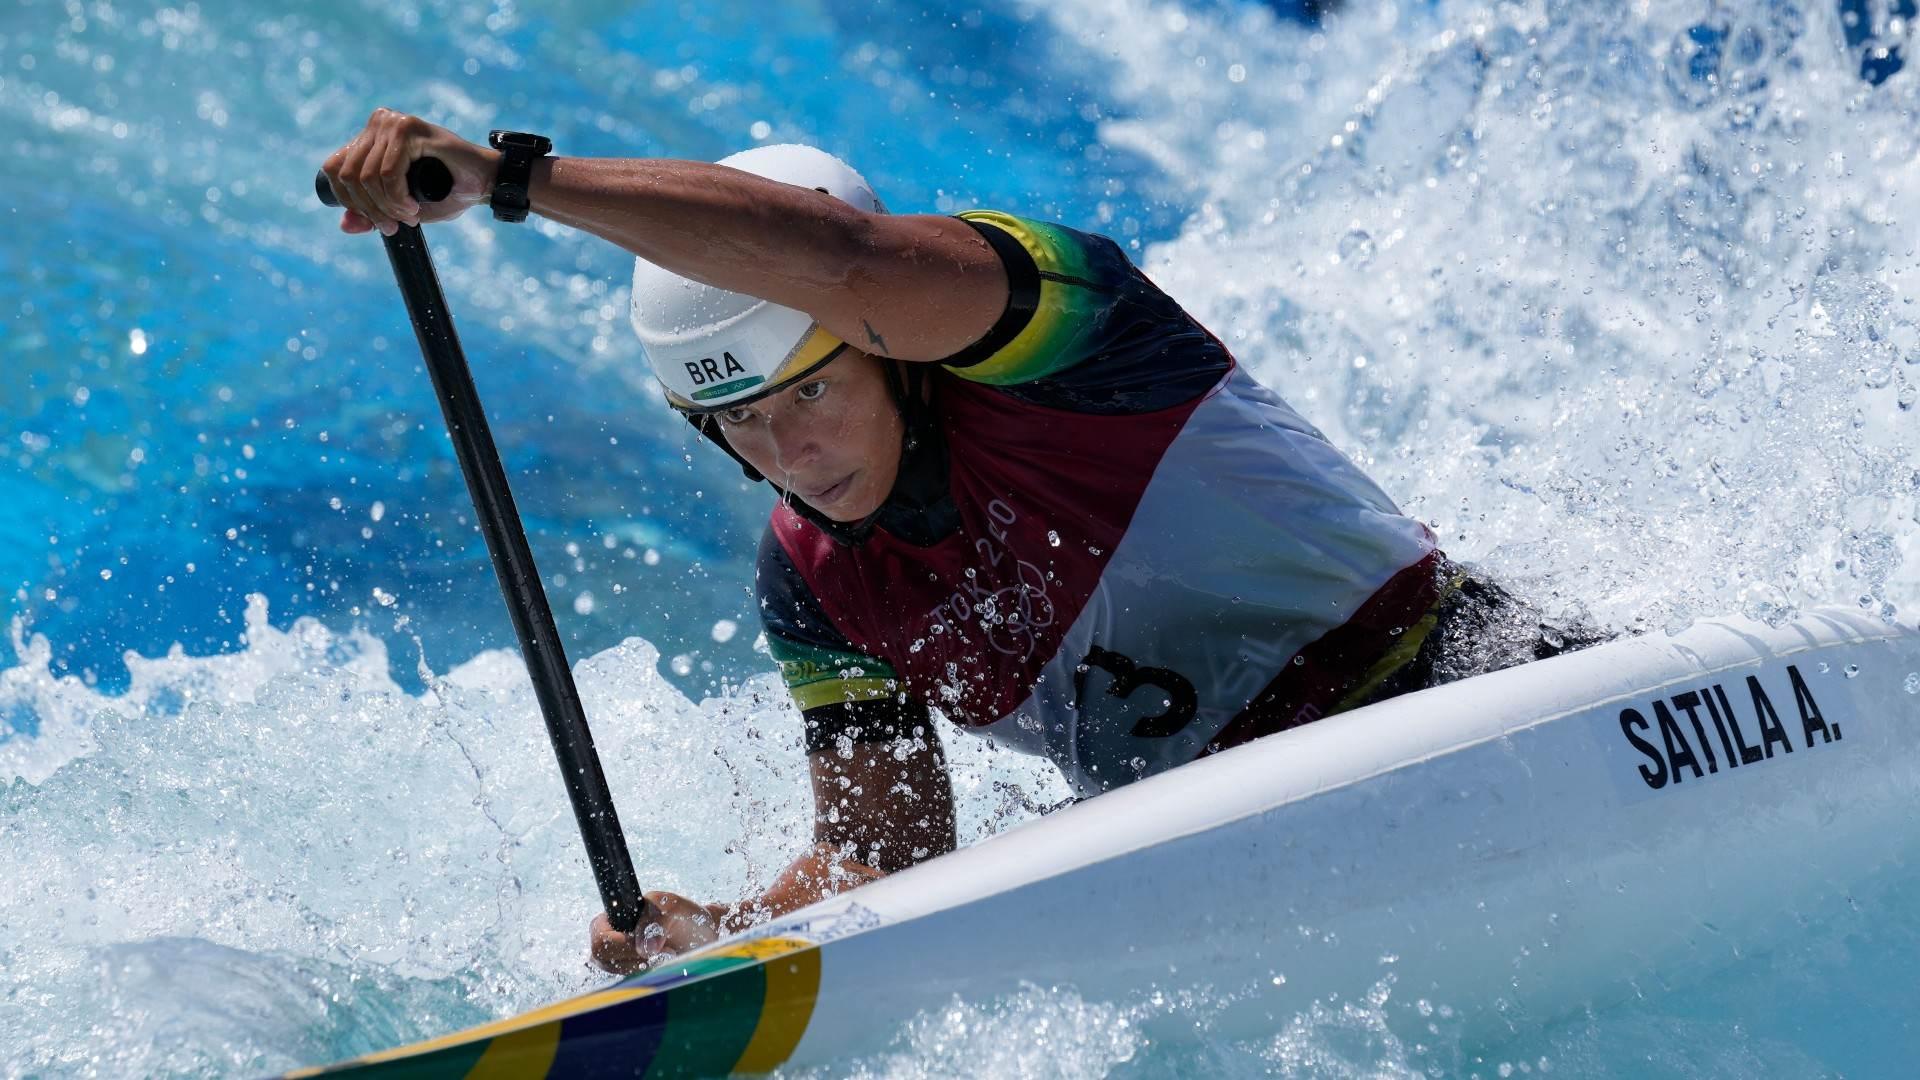 Ana Sátila em disputa da canoagem slalom nos Jogos Olímpicos